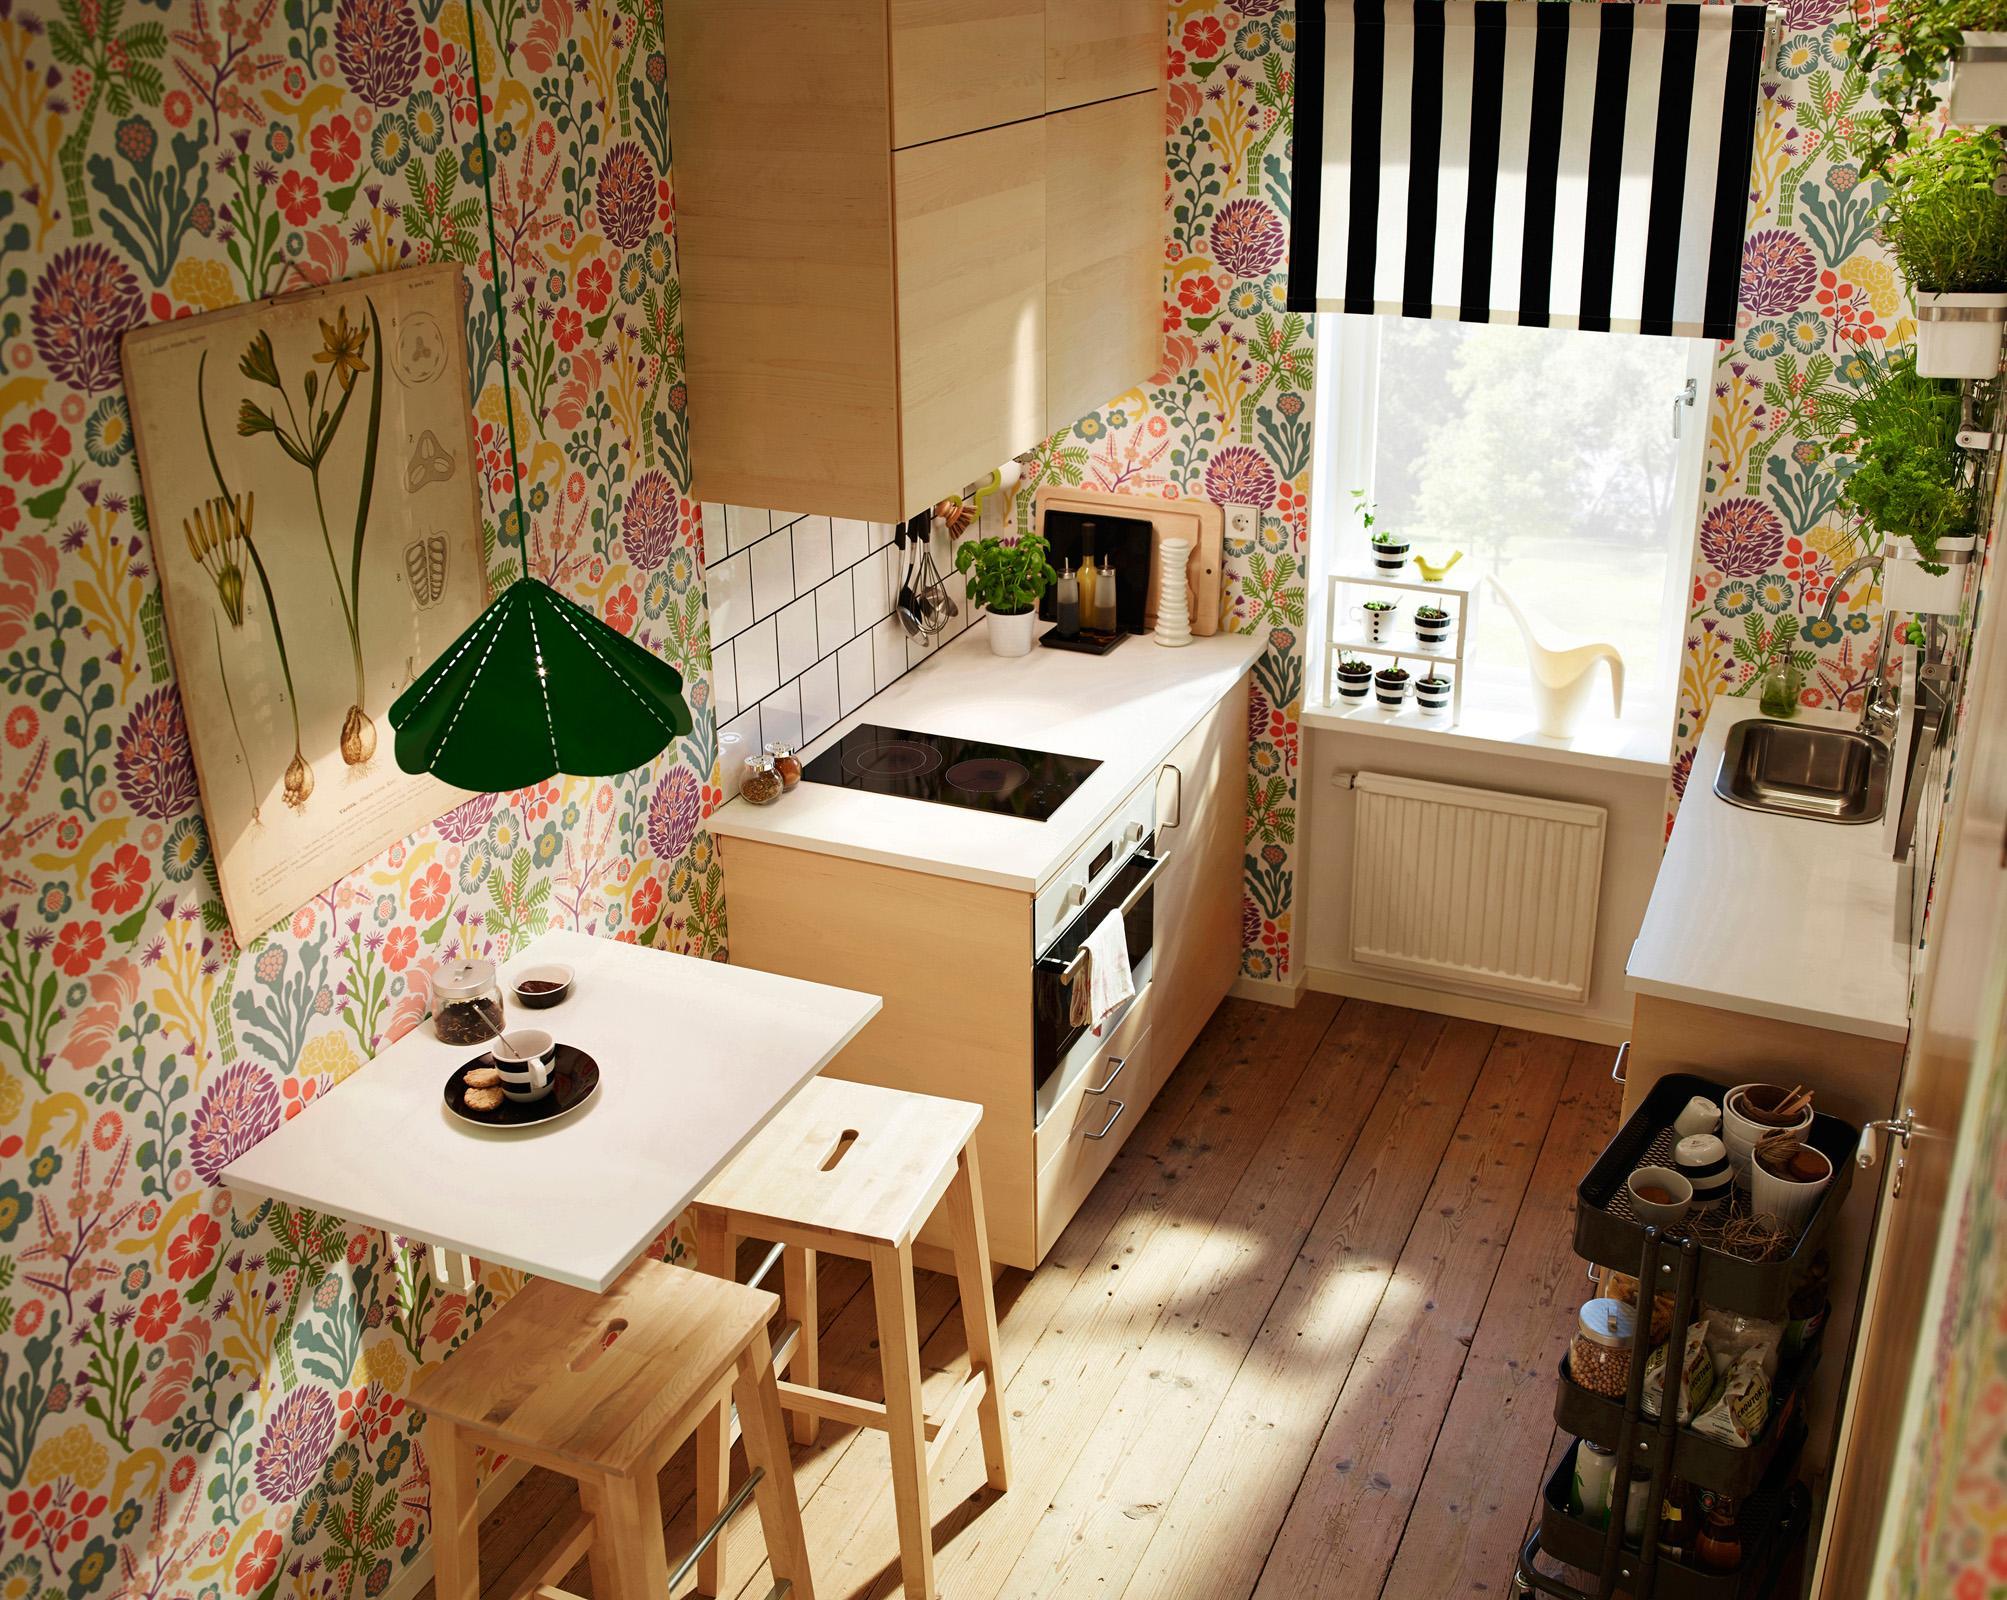 Full Size of Single Küche Ikea Kche Bilder Ideen Couch Rosa Armaturen Hochglanz Grau Mit Elektrogeräten Tapeten Für Die Betten 160x200 Modulküche Erweitern Wohnzimmer Single Küche Ikea